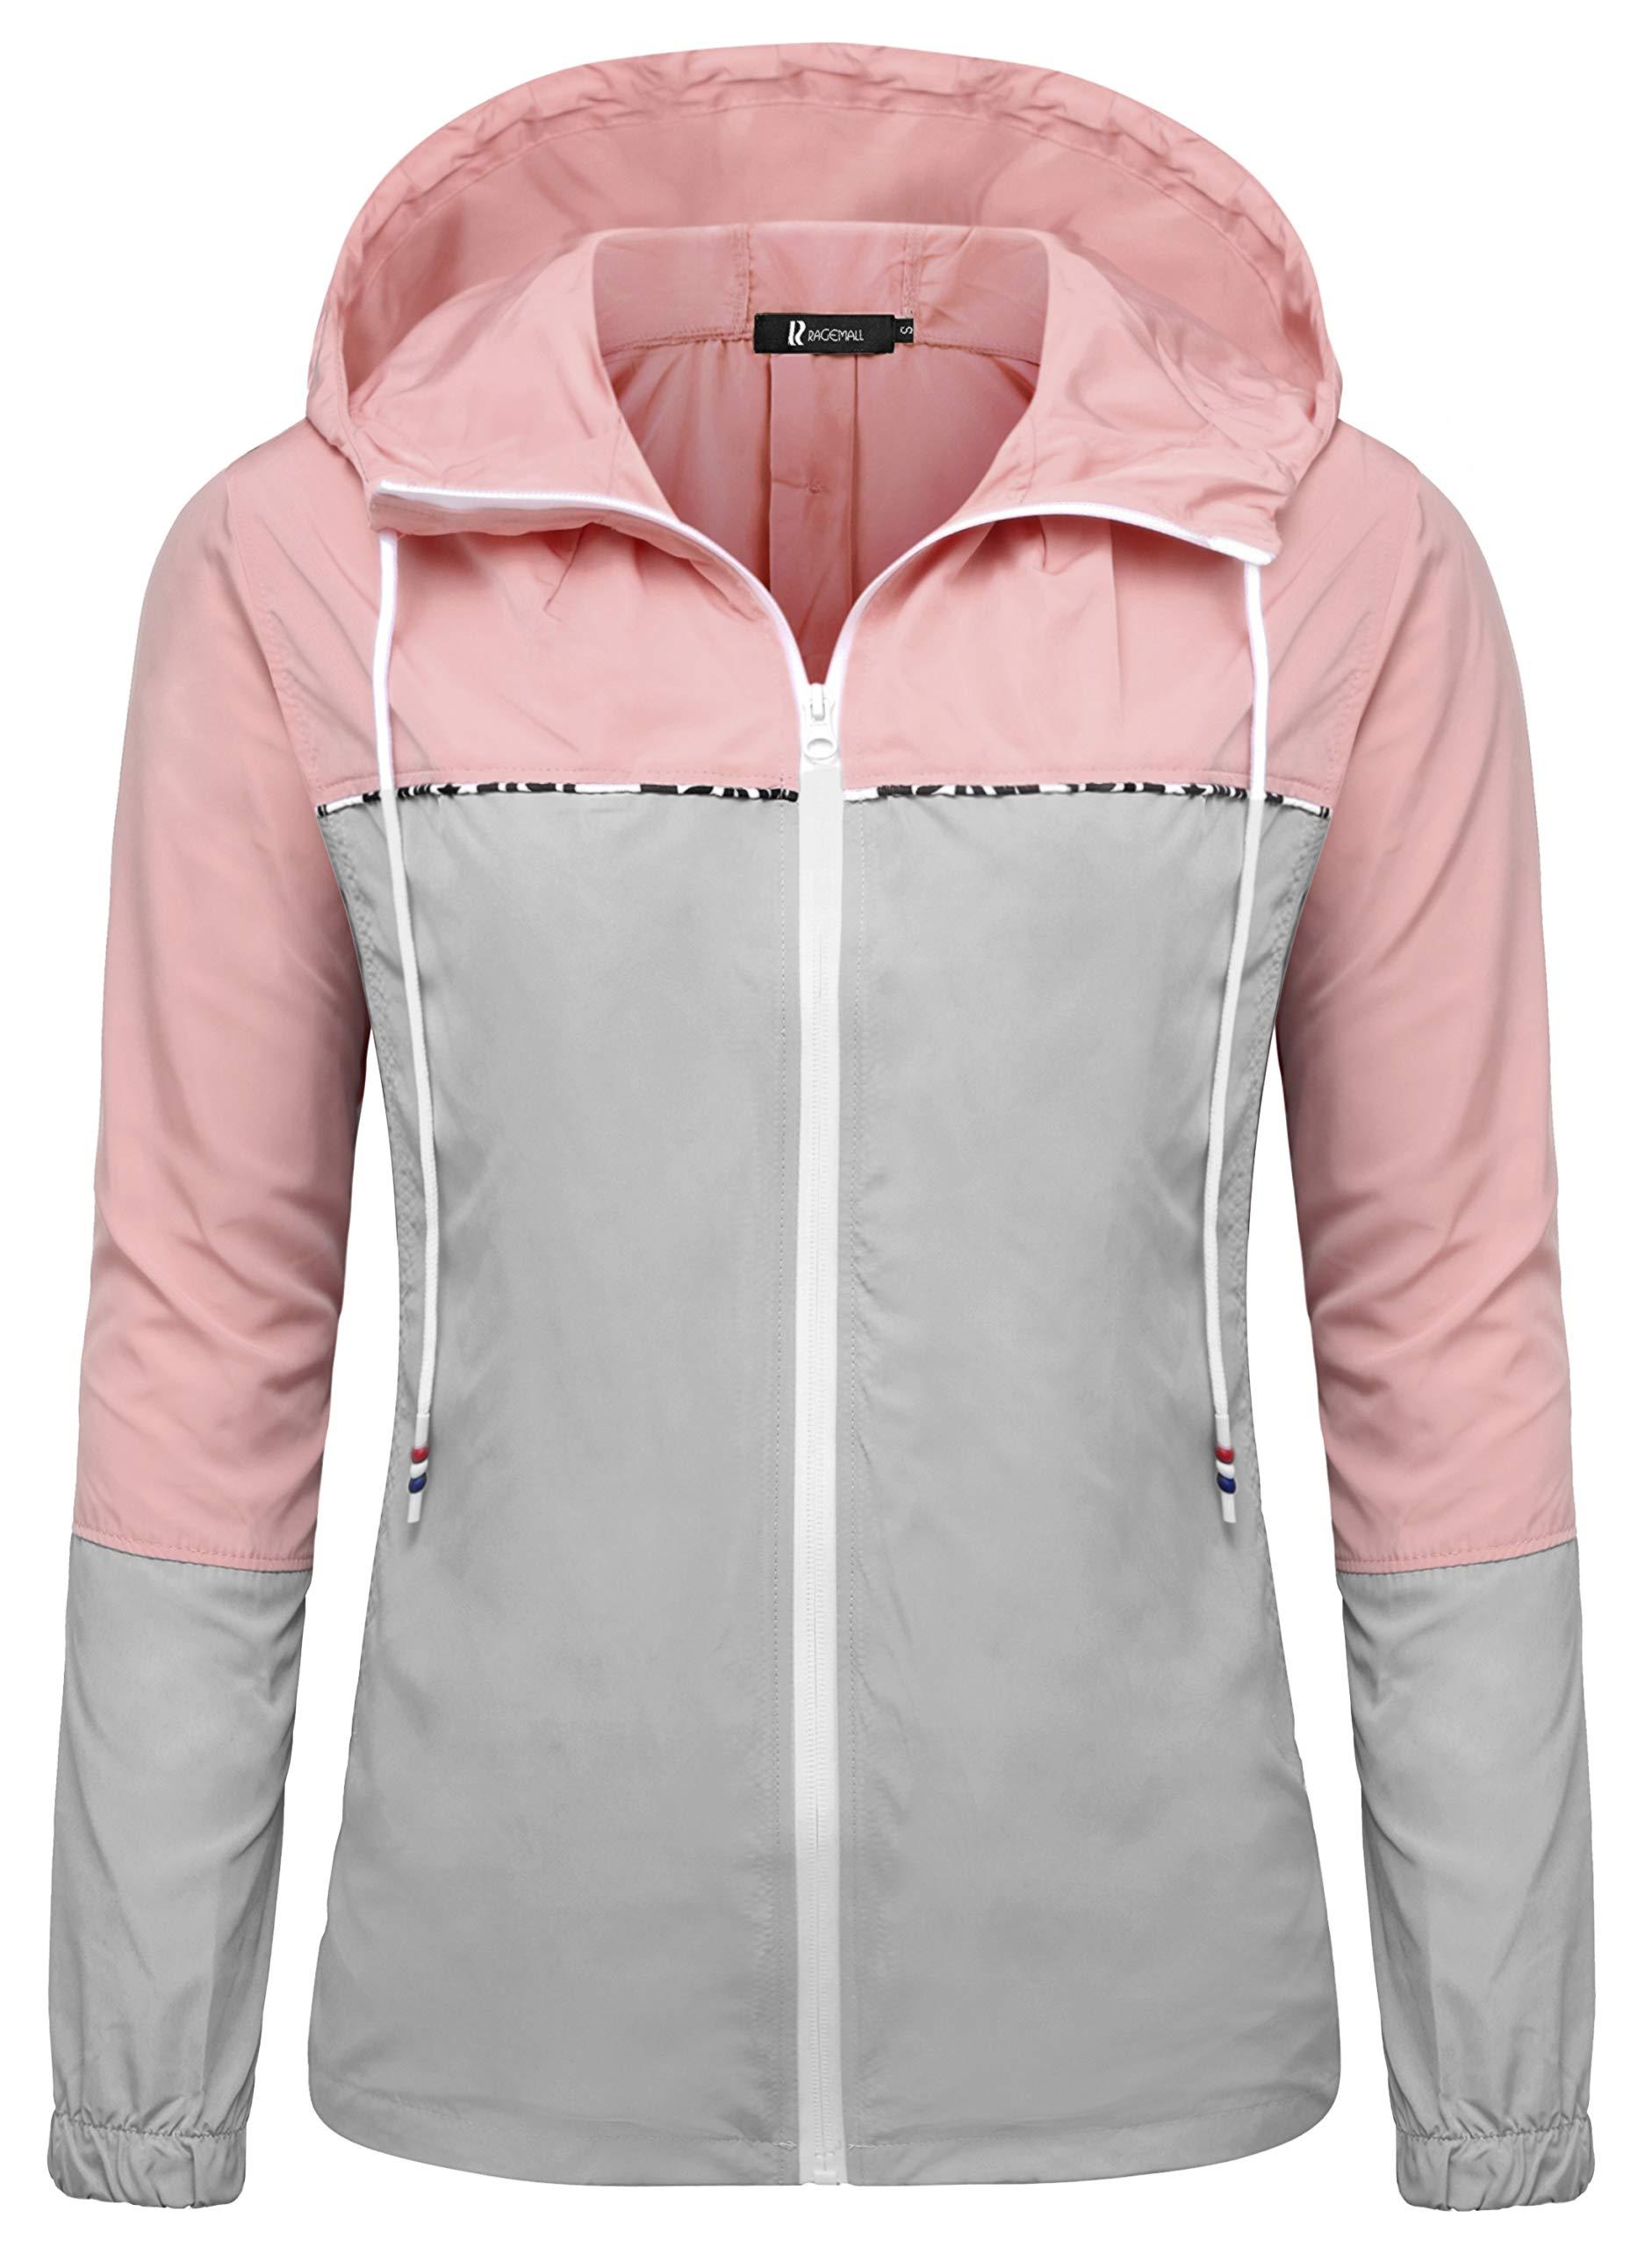 RAGEMALL Women's Waterproof Raincoats Packable Lightweight Windbreaker Active Outdoor Hooded Rain Jacket